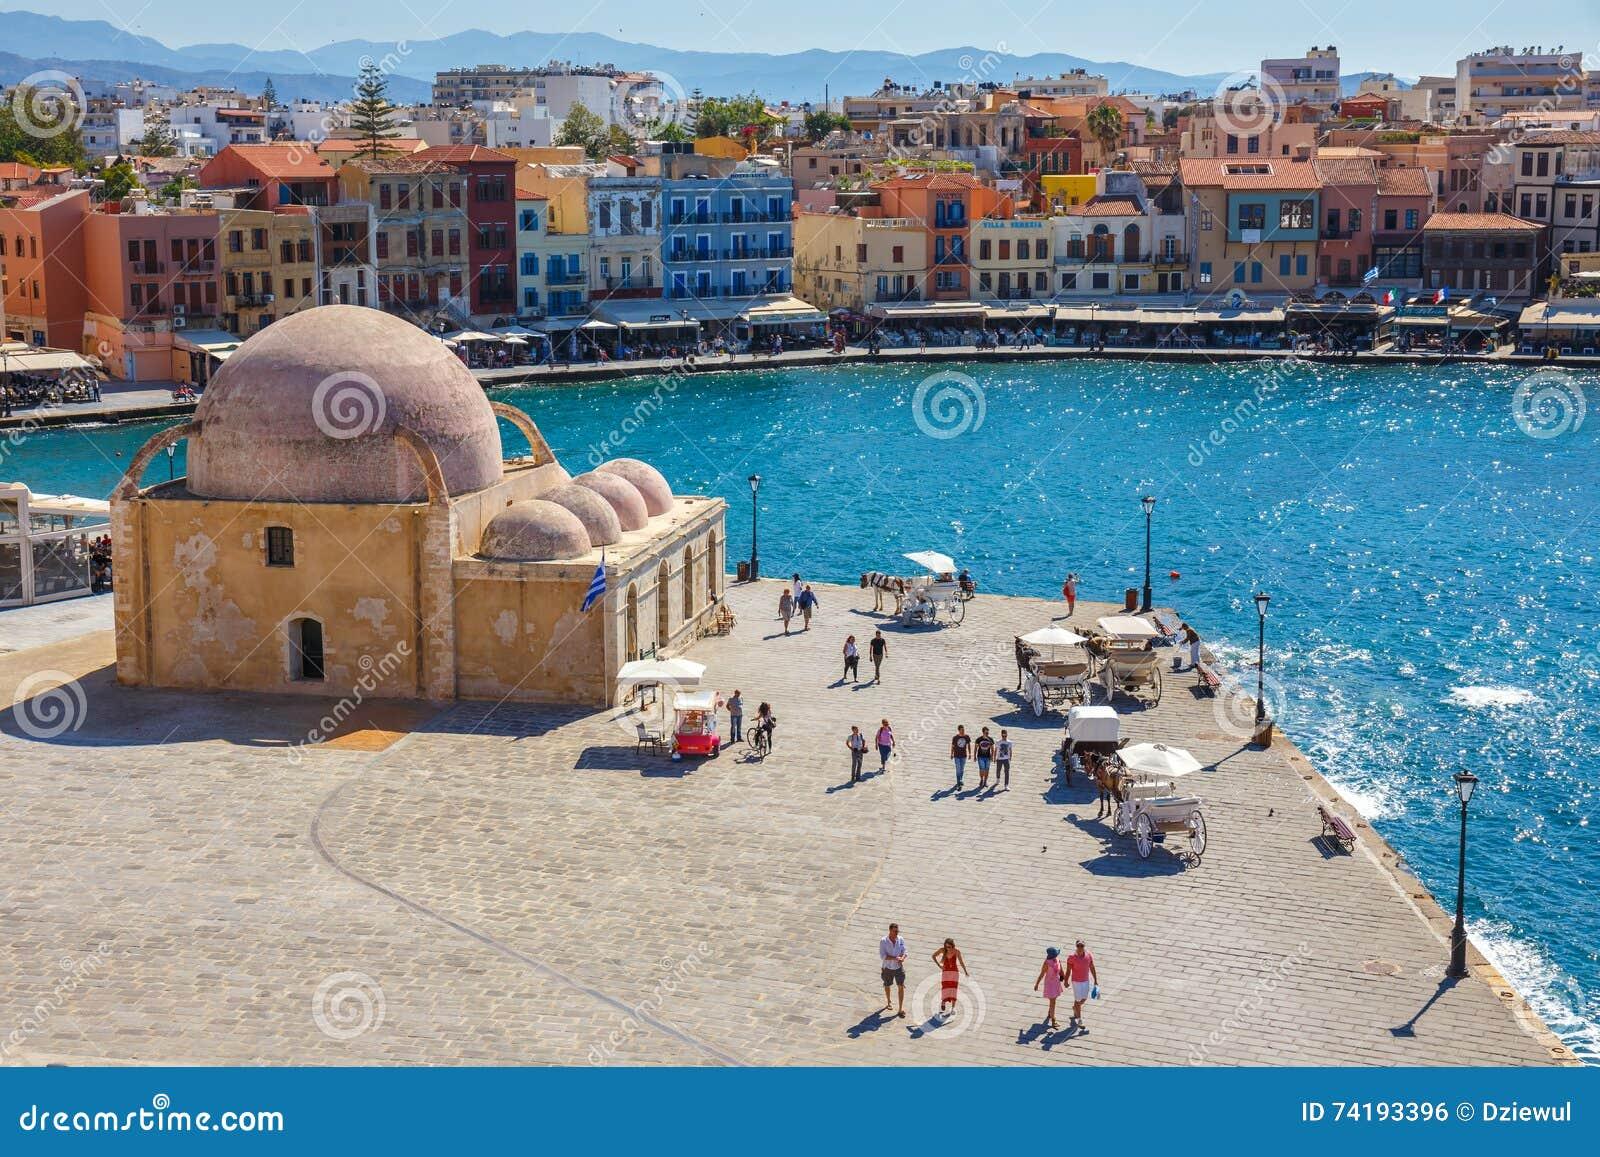 Grecia y sus islas, contadme algo, venga Porto-velho-de-chania-na-creta-gr%C3%A9cia-chania-%C3%A9-cidade-segundo-maior-de-crete-74193396